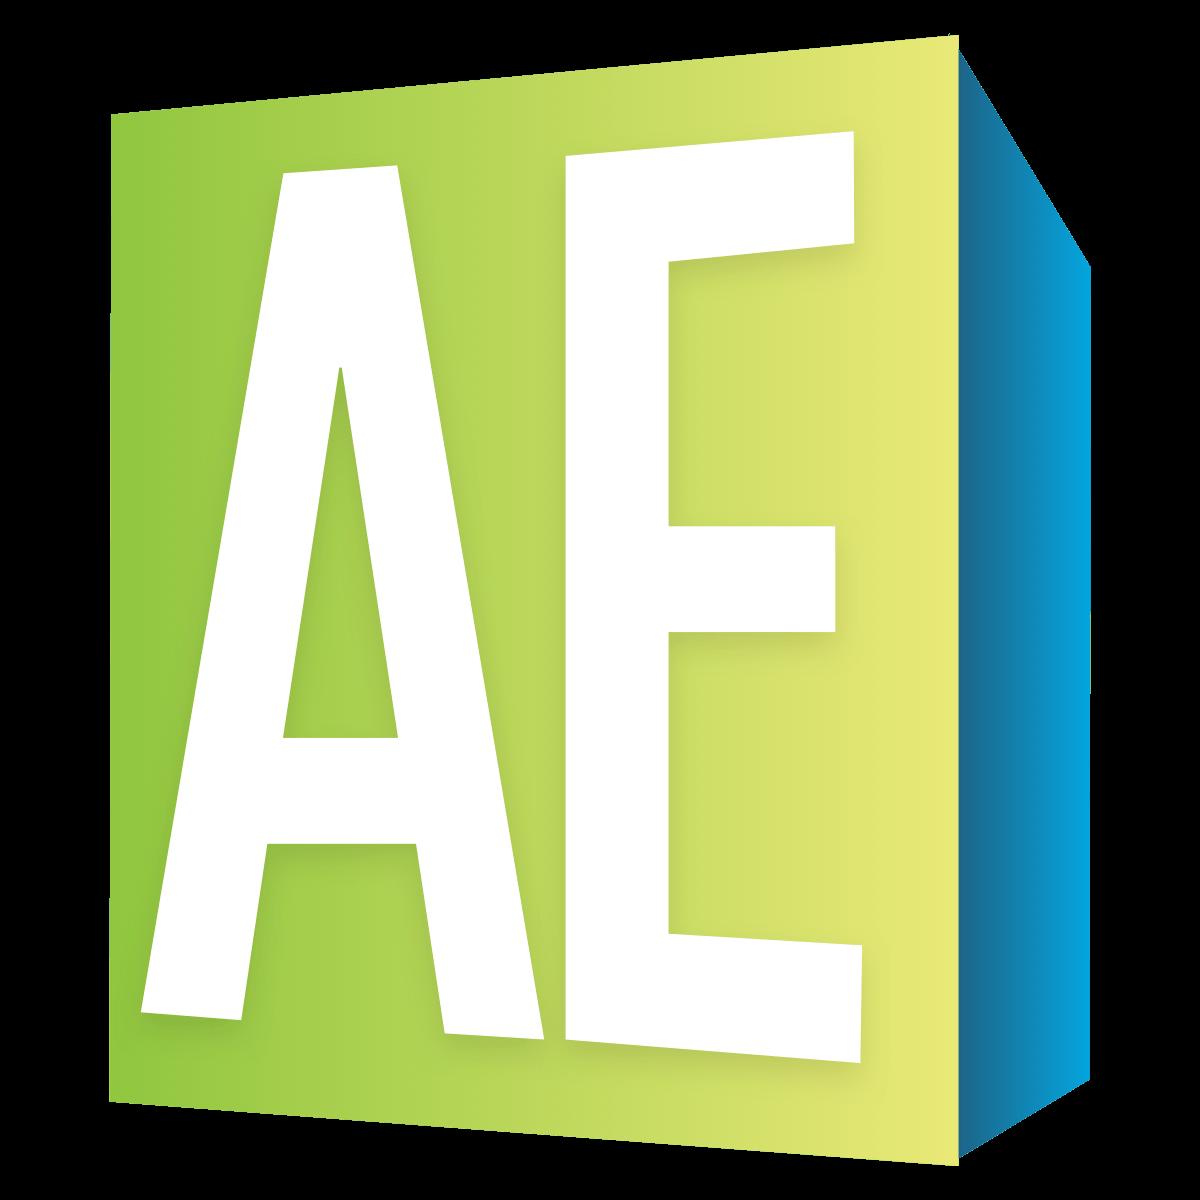 AE Ventures